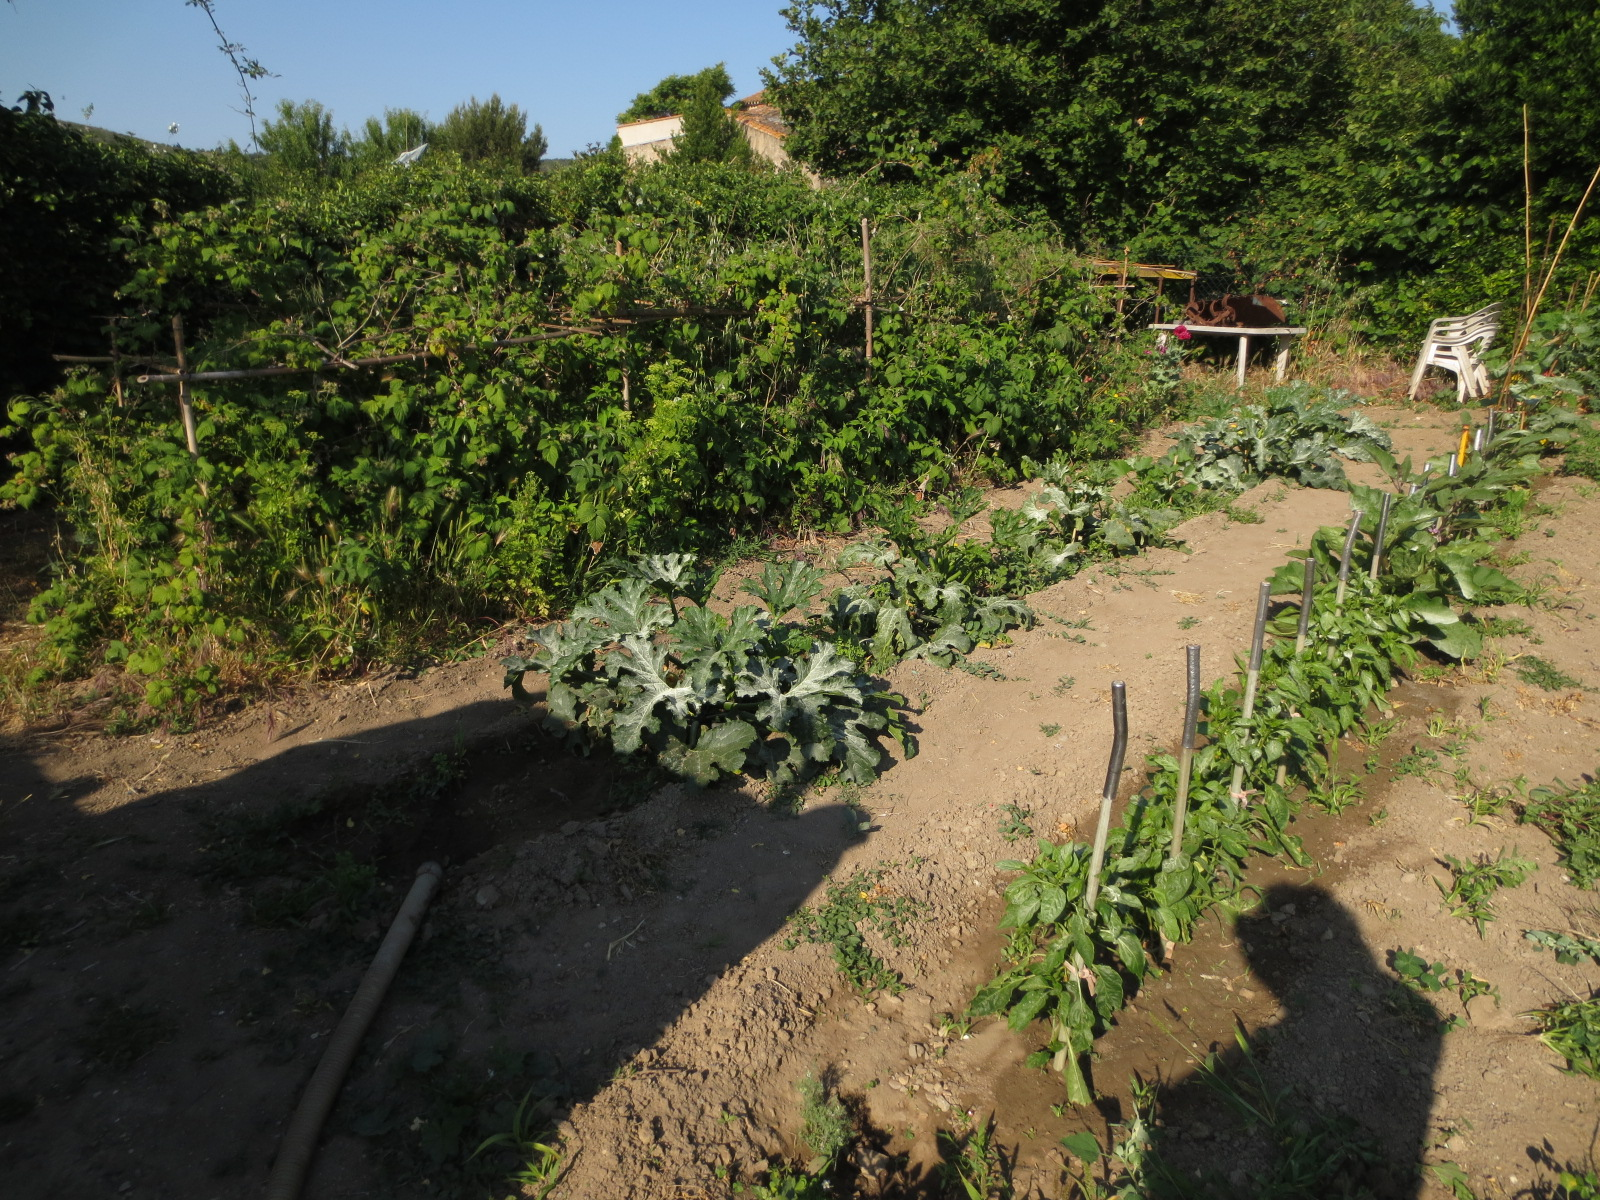 Jardin au mois de juin 2015 for Juin au jardin